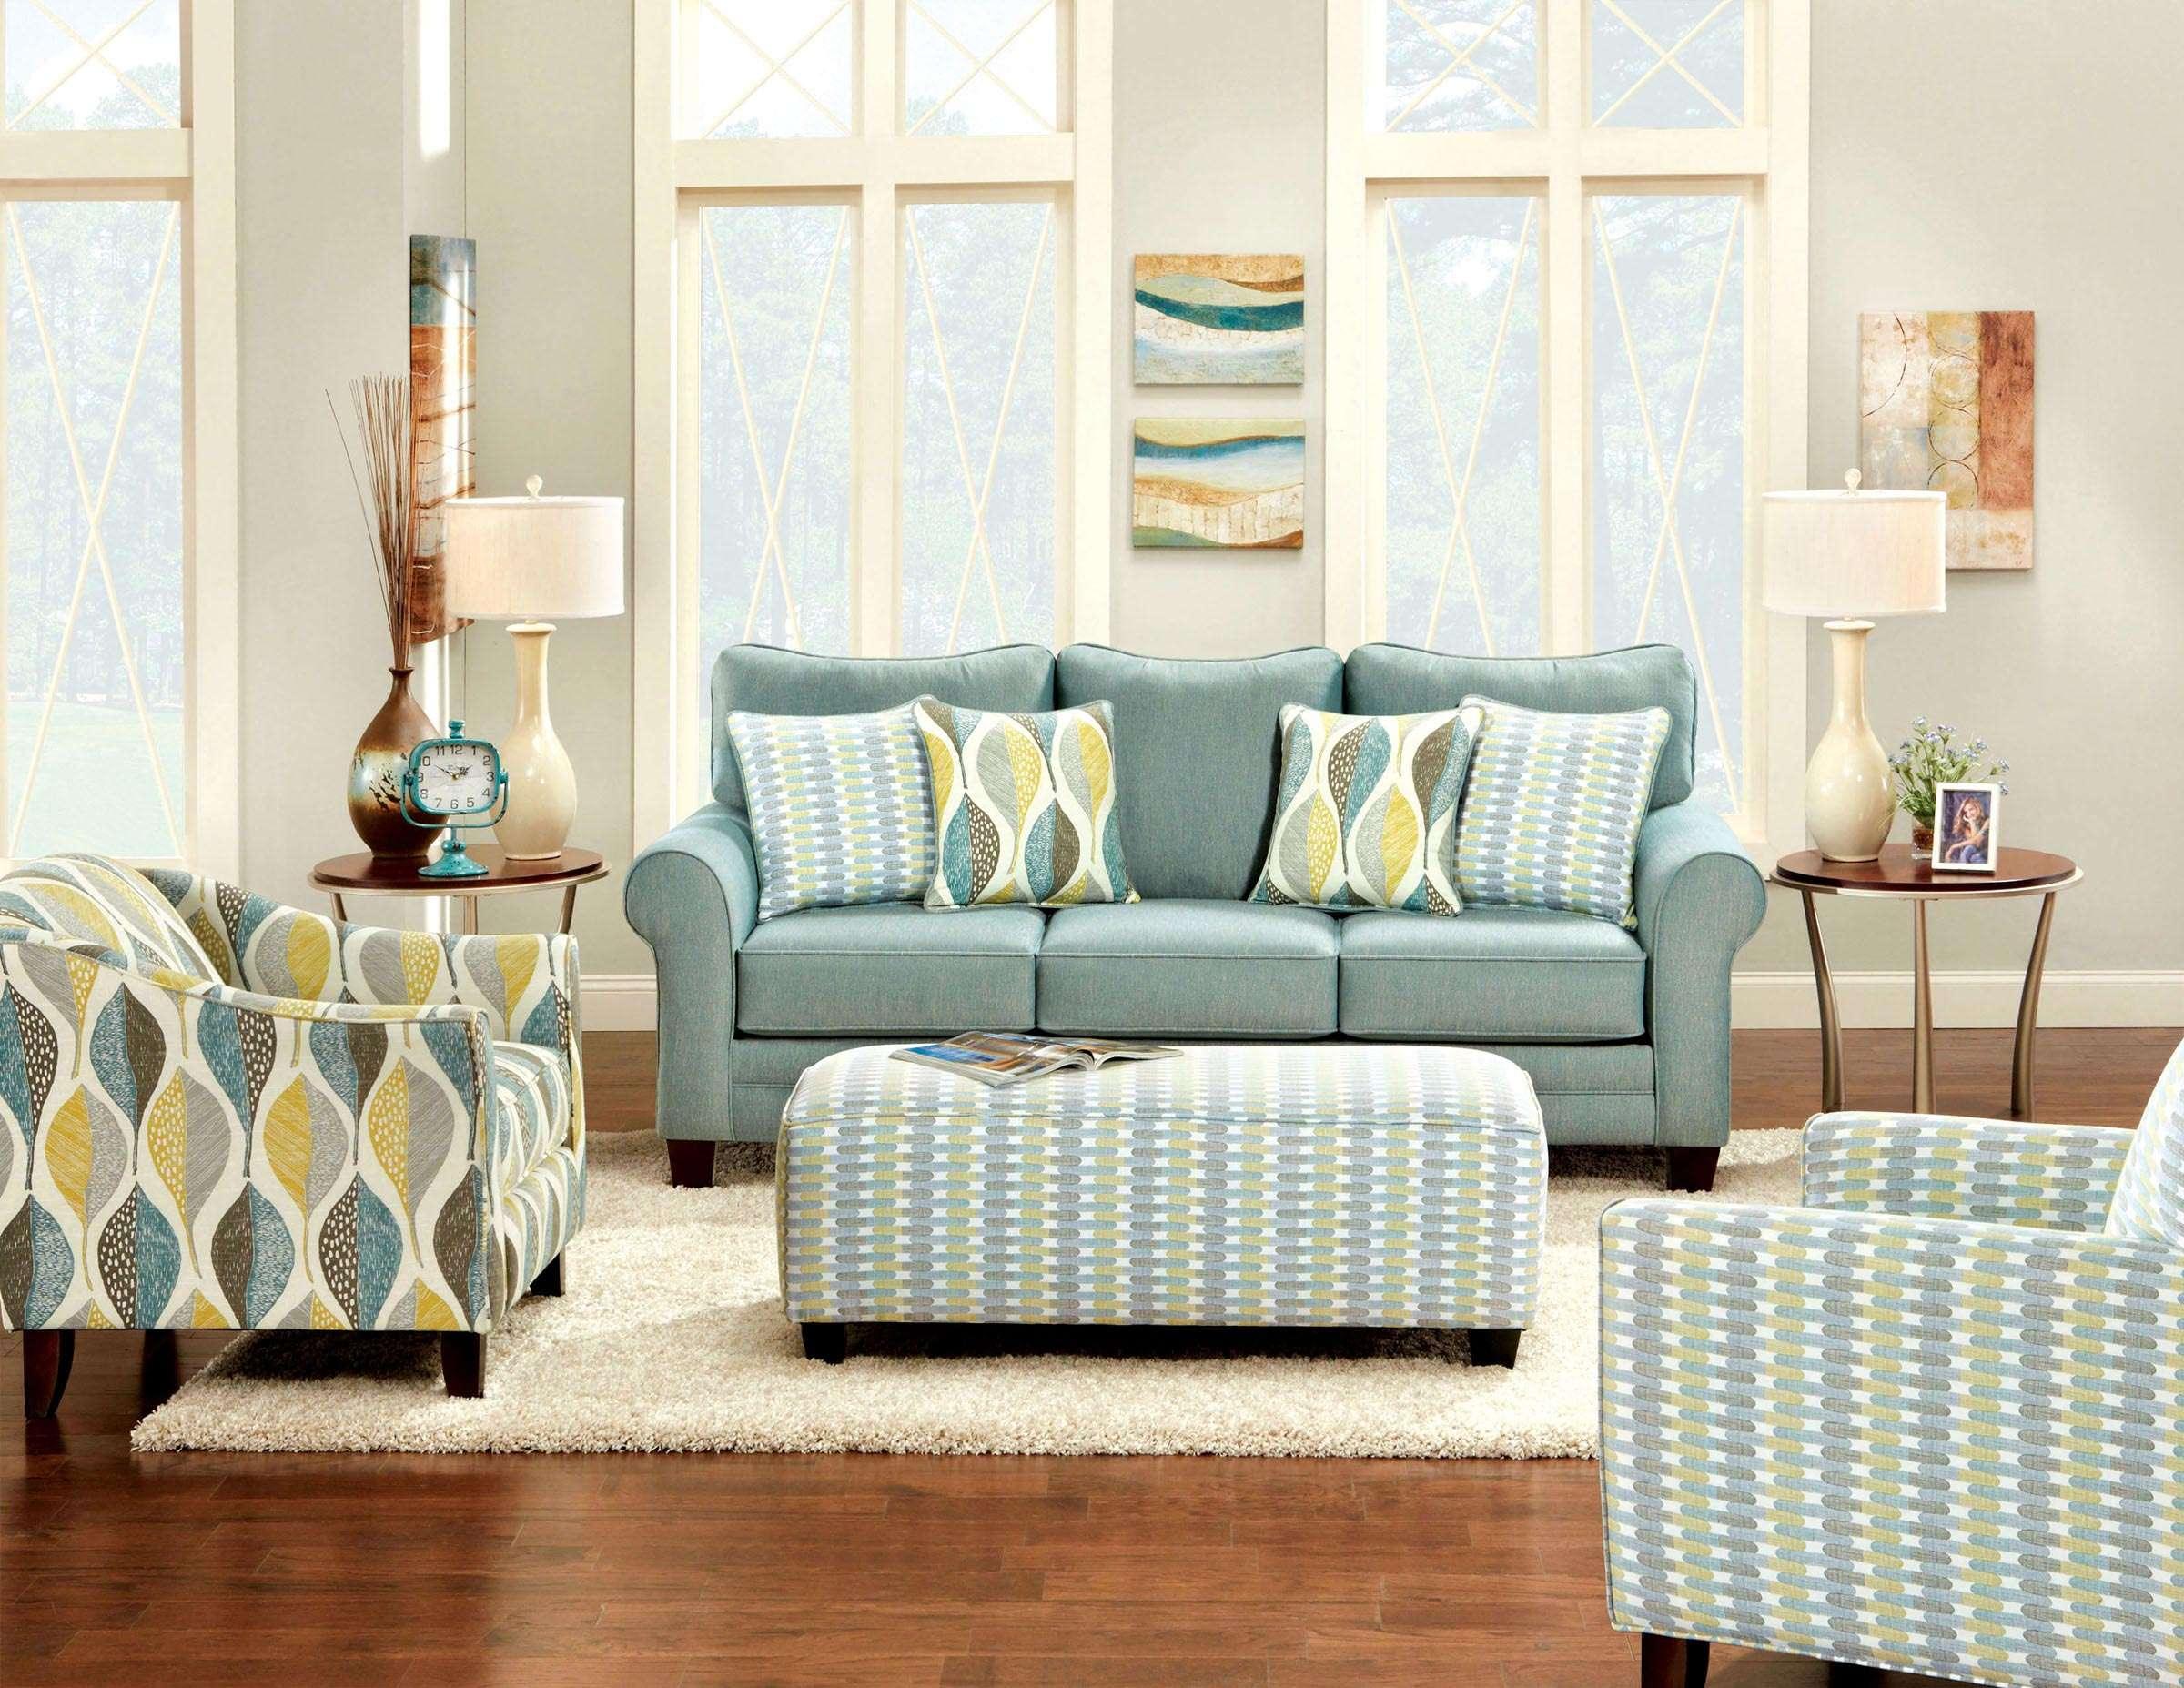 La poltrona letto comoda e di piccole dimensioni divani arredo